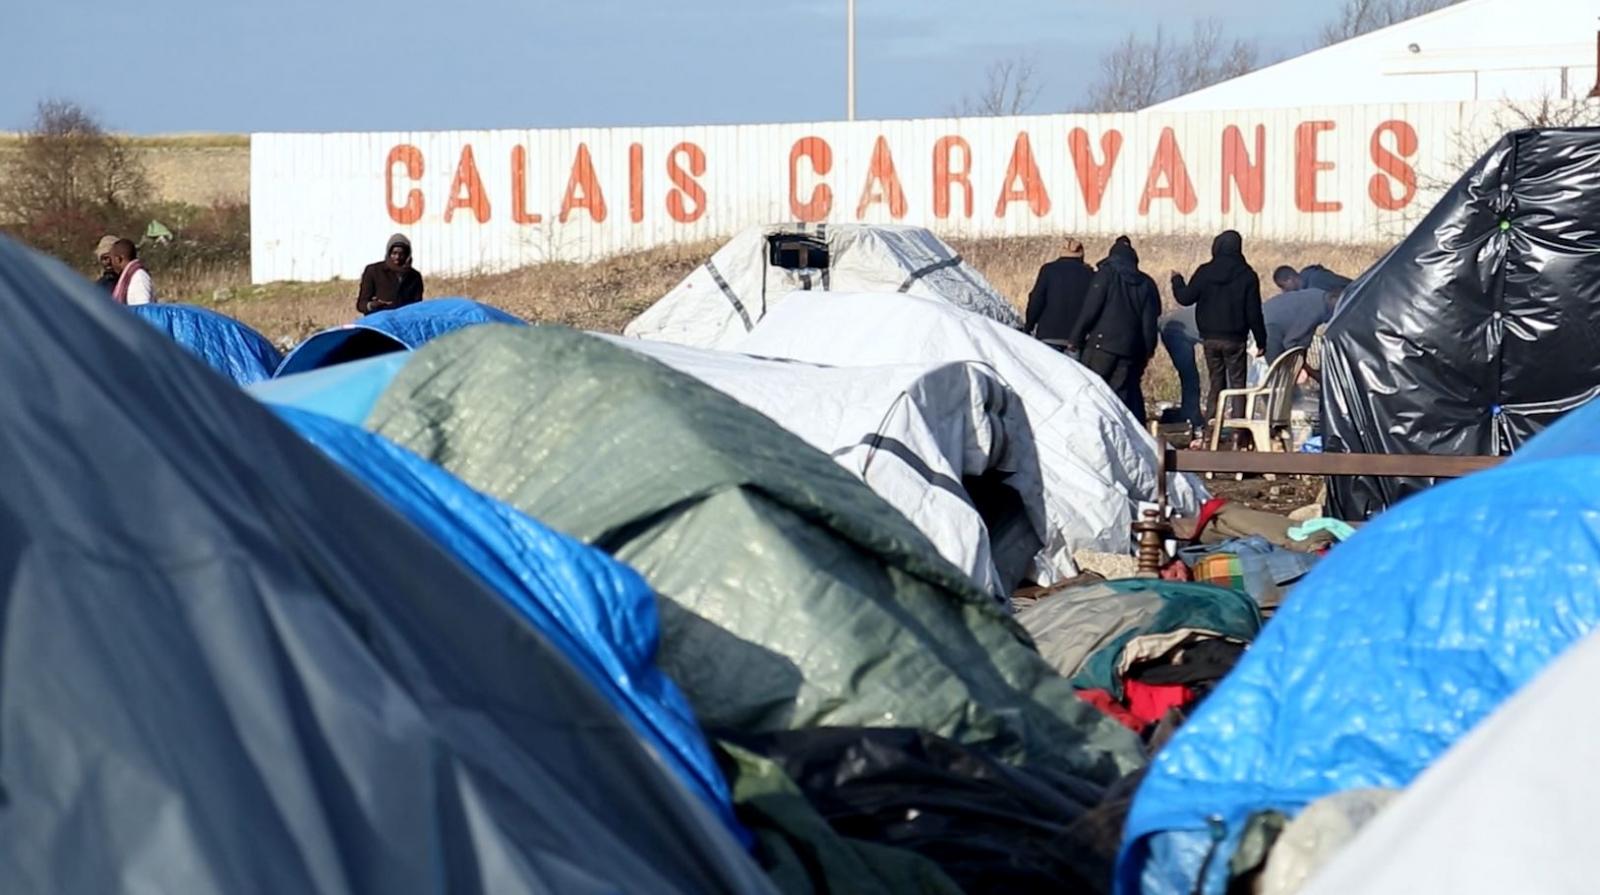 Contra el tráfico humano y la trata, vías legales y seguras. Testimonio desde Calais